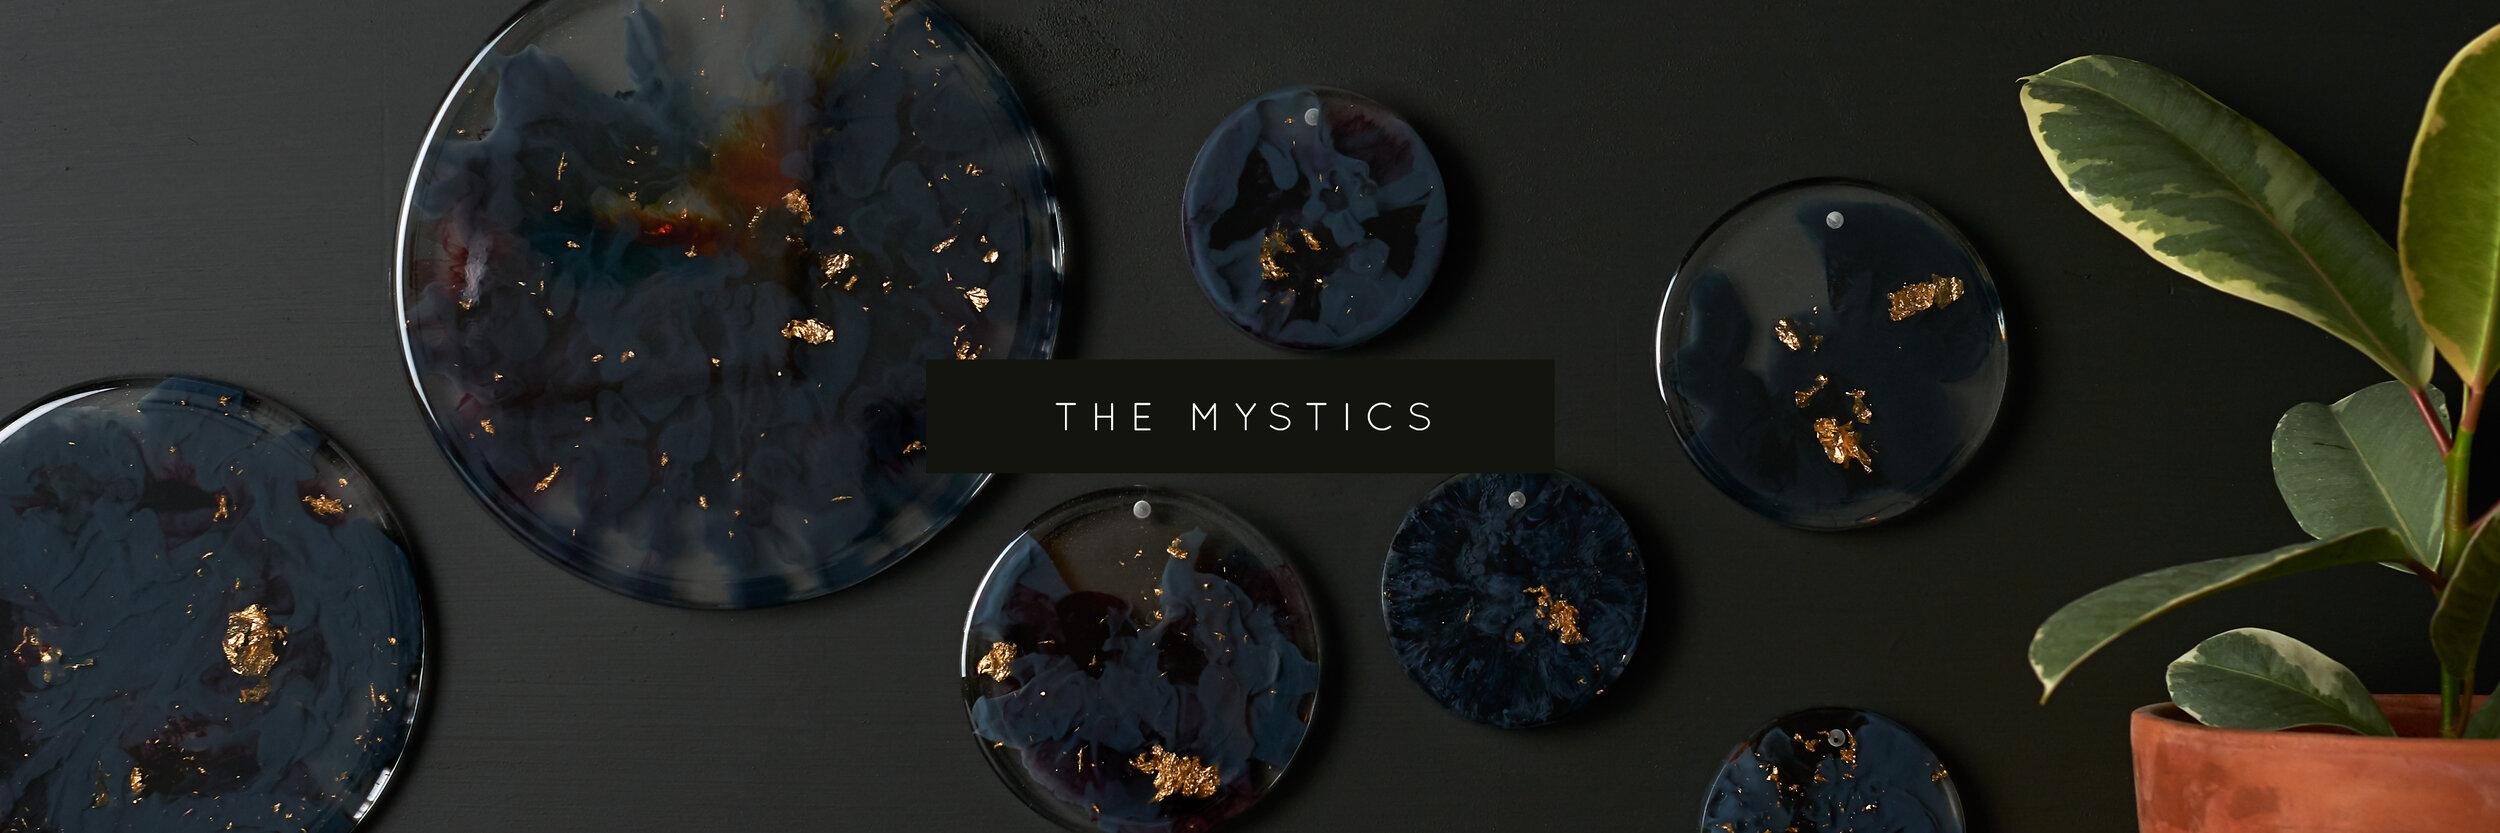 mystics_header.jpg